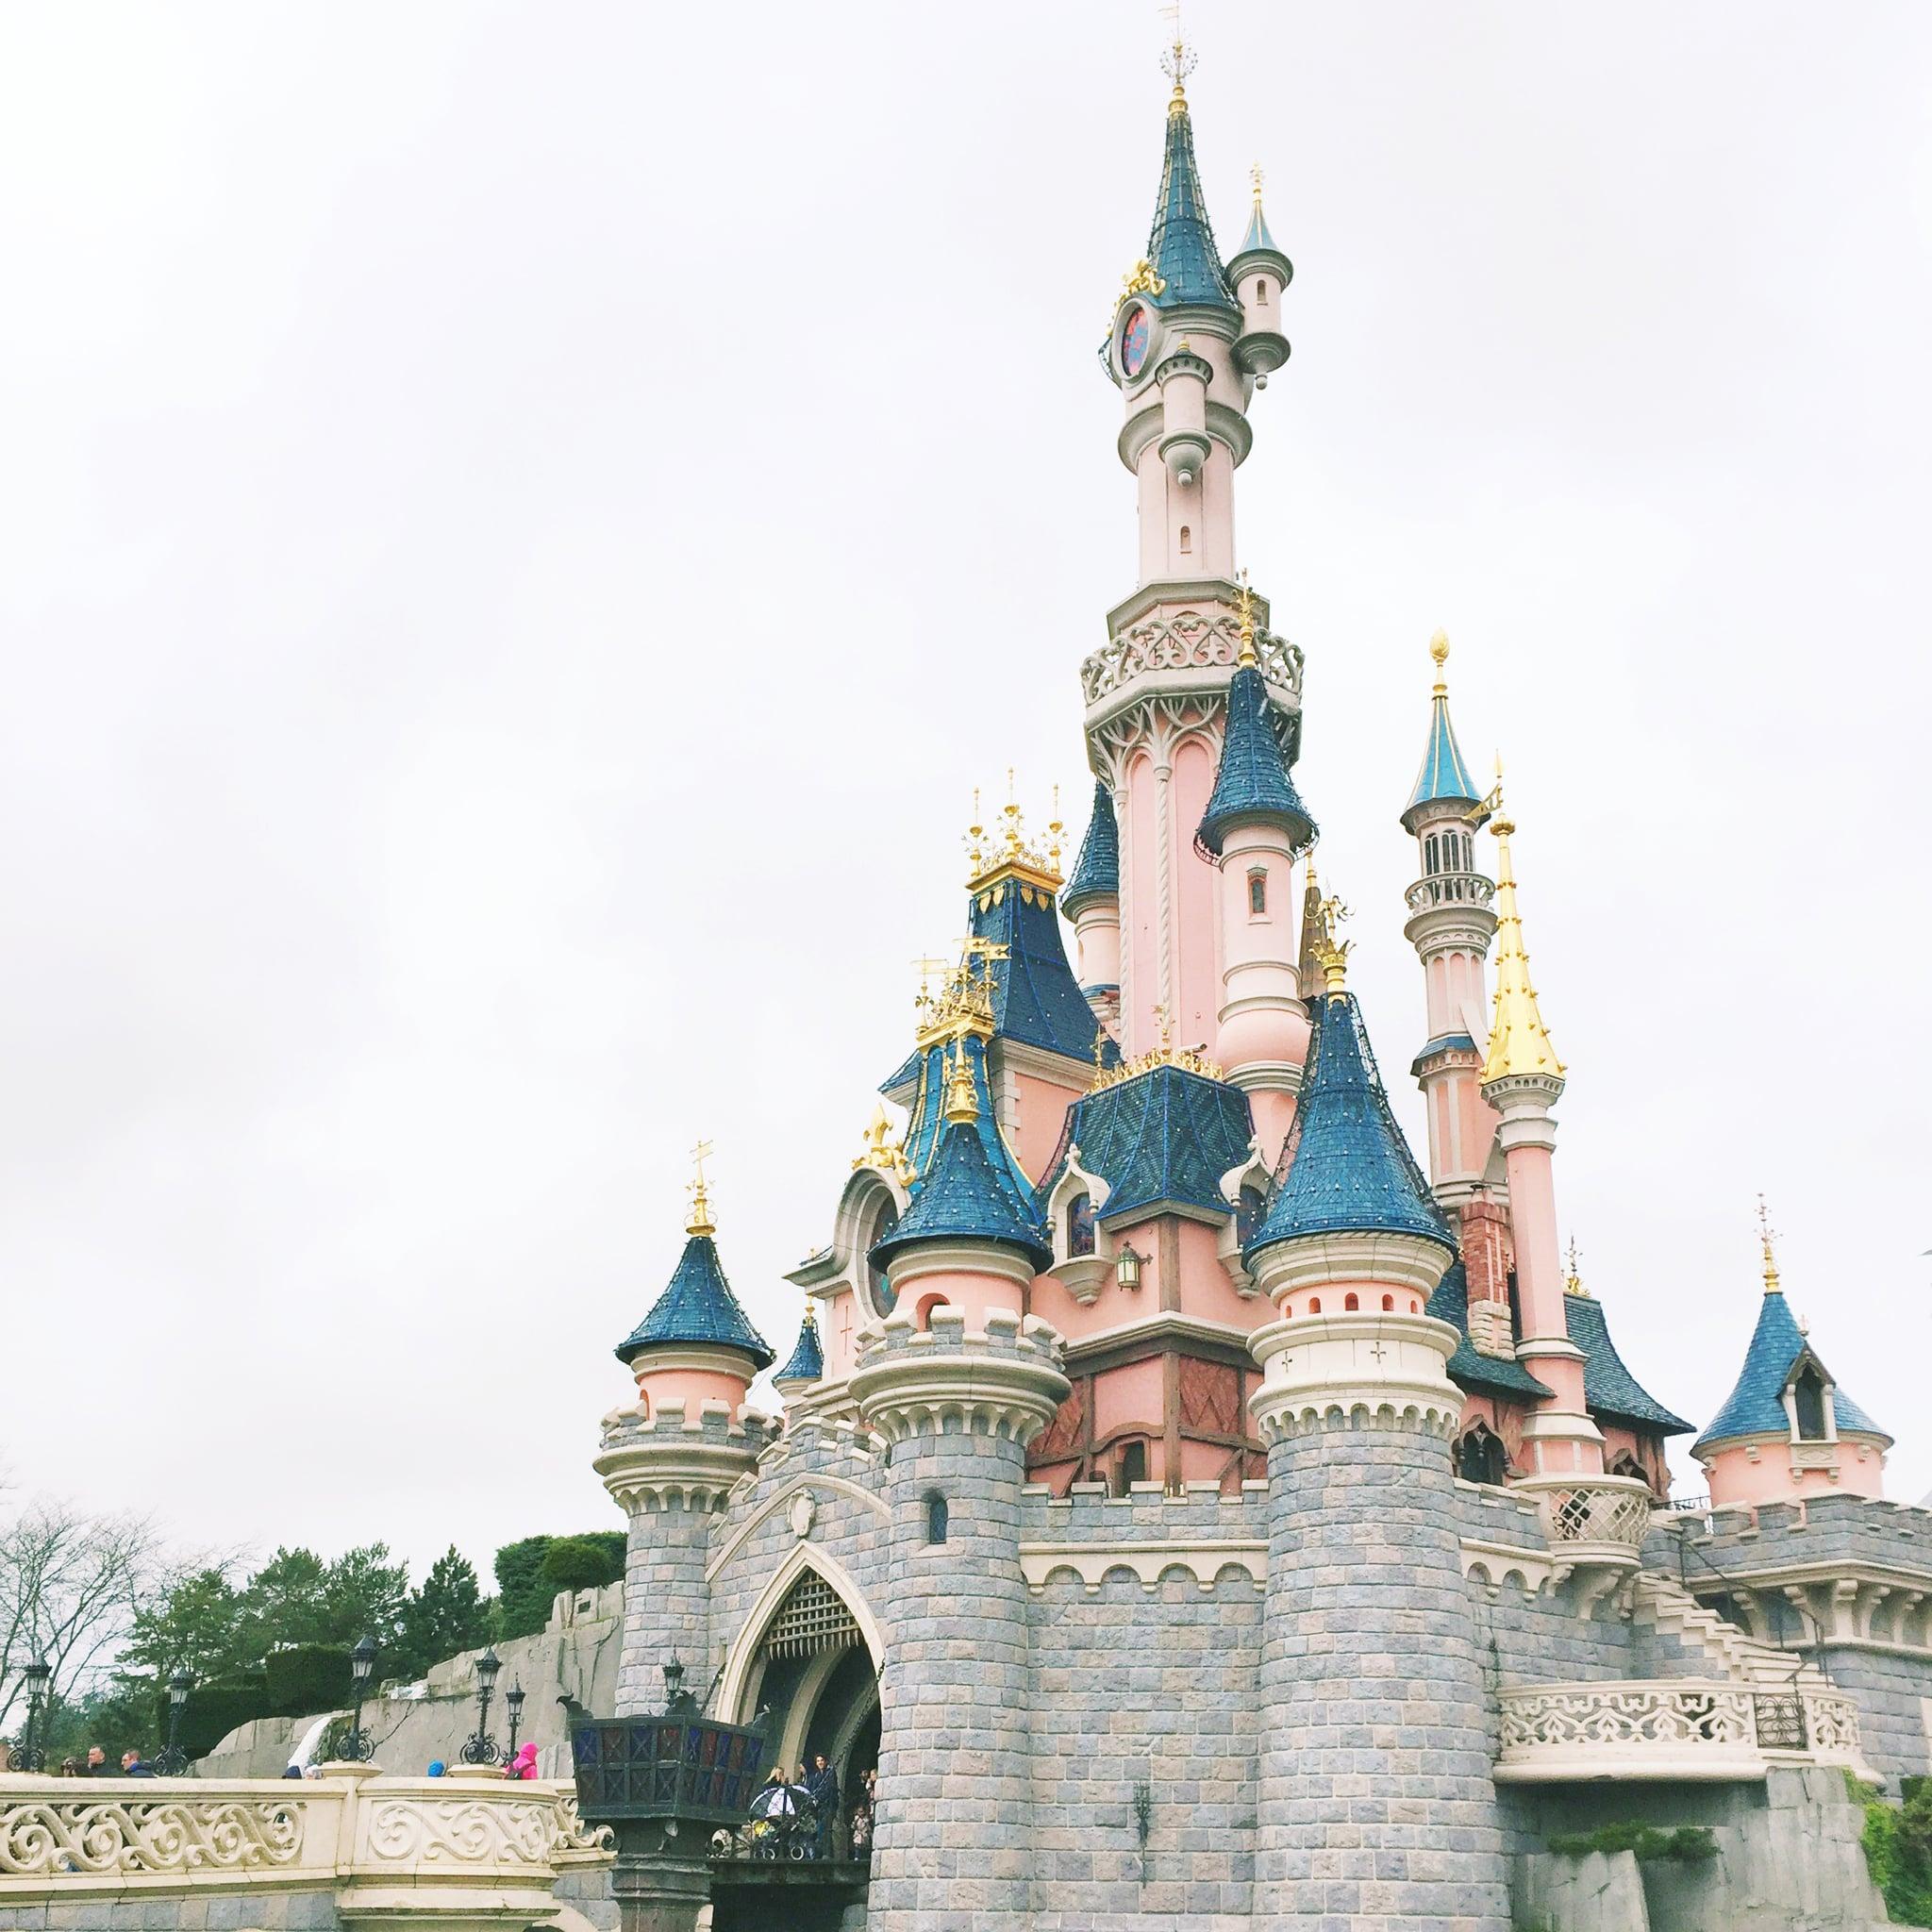 Should I Go to Disneyland Paris? | POPSUGAR Smart Living